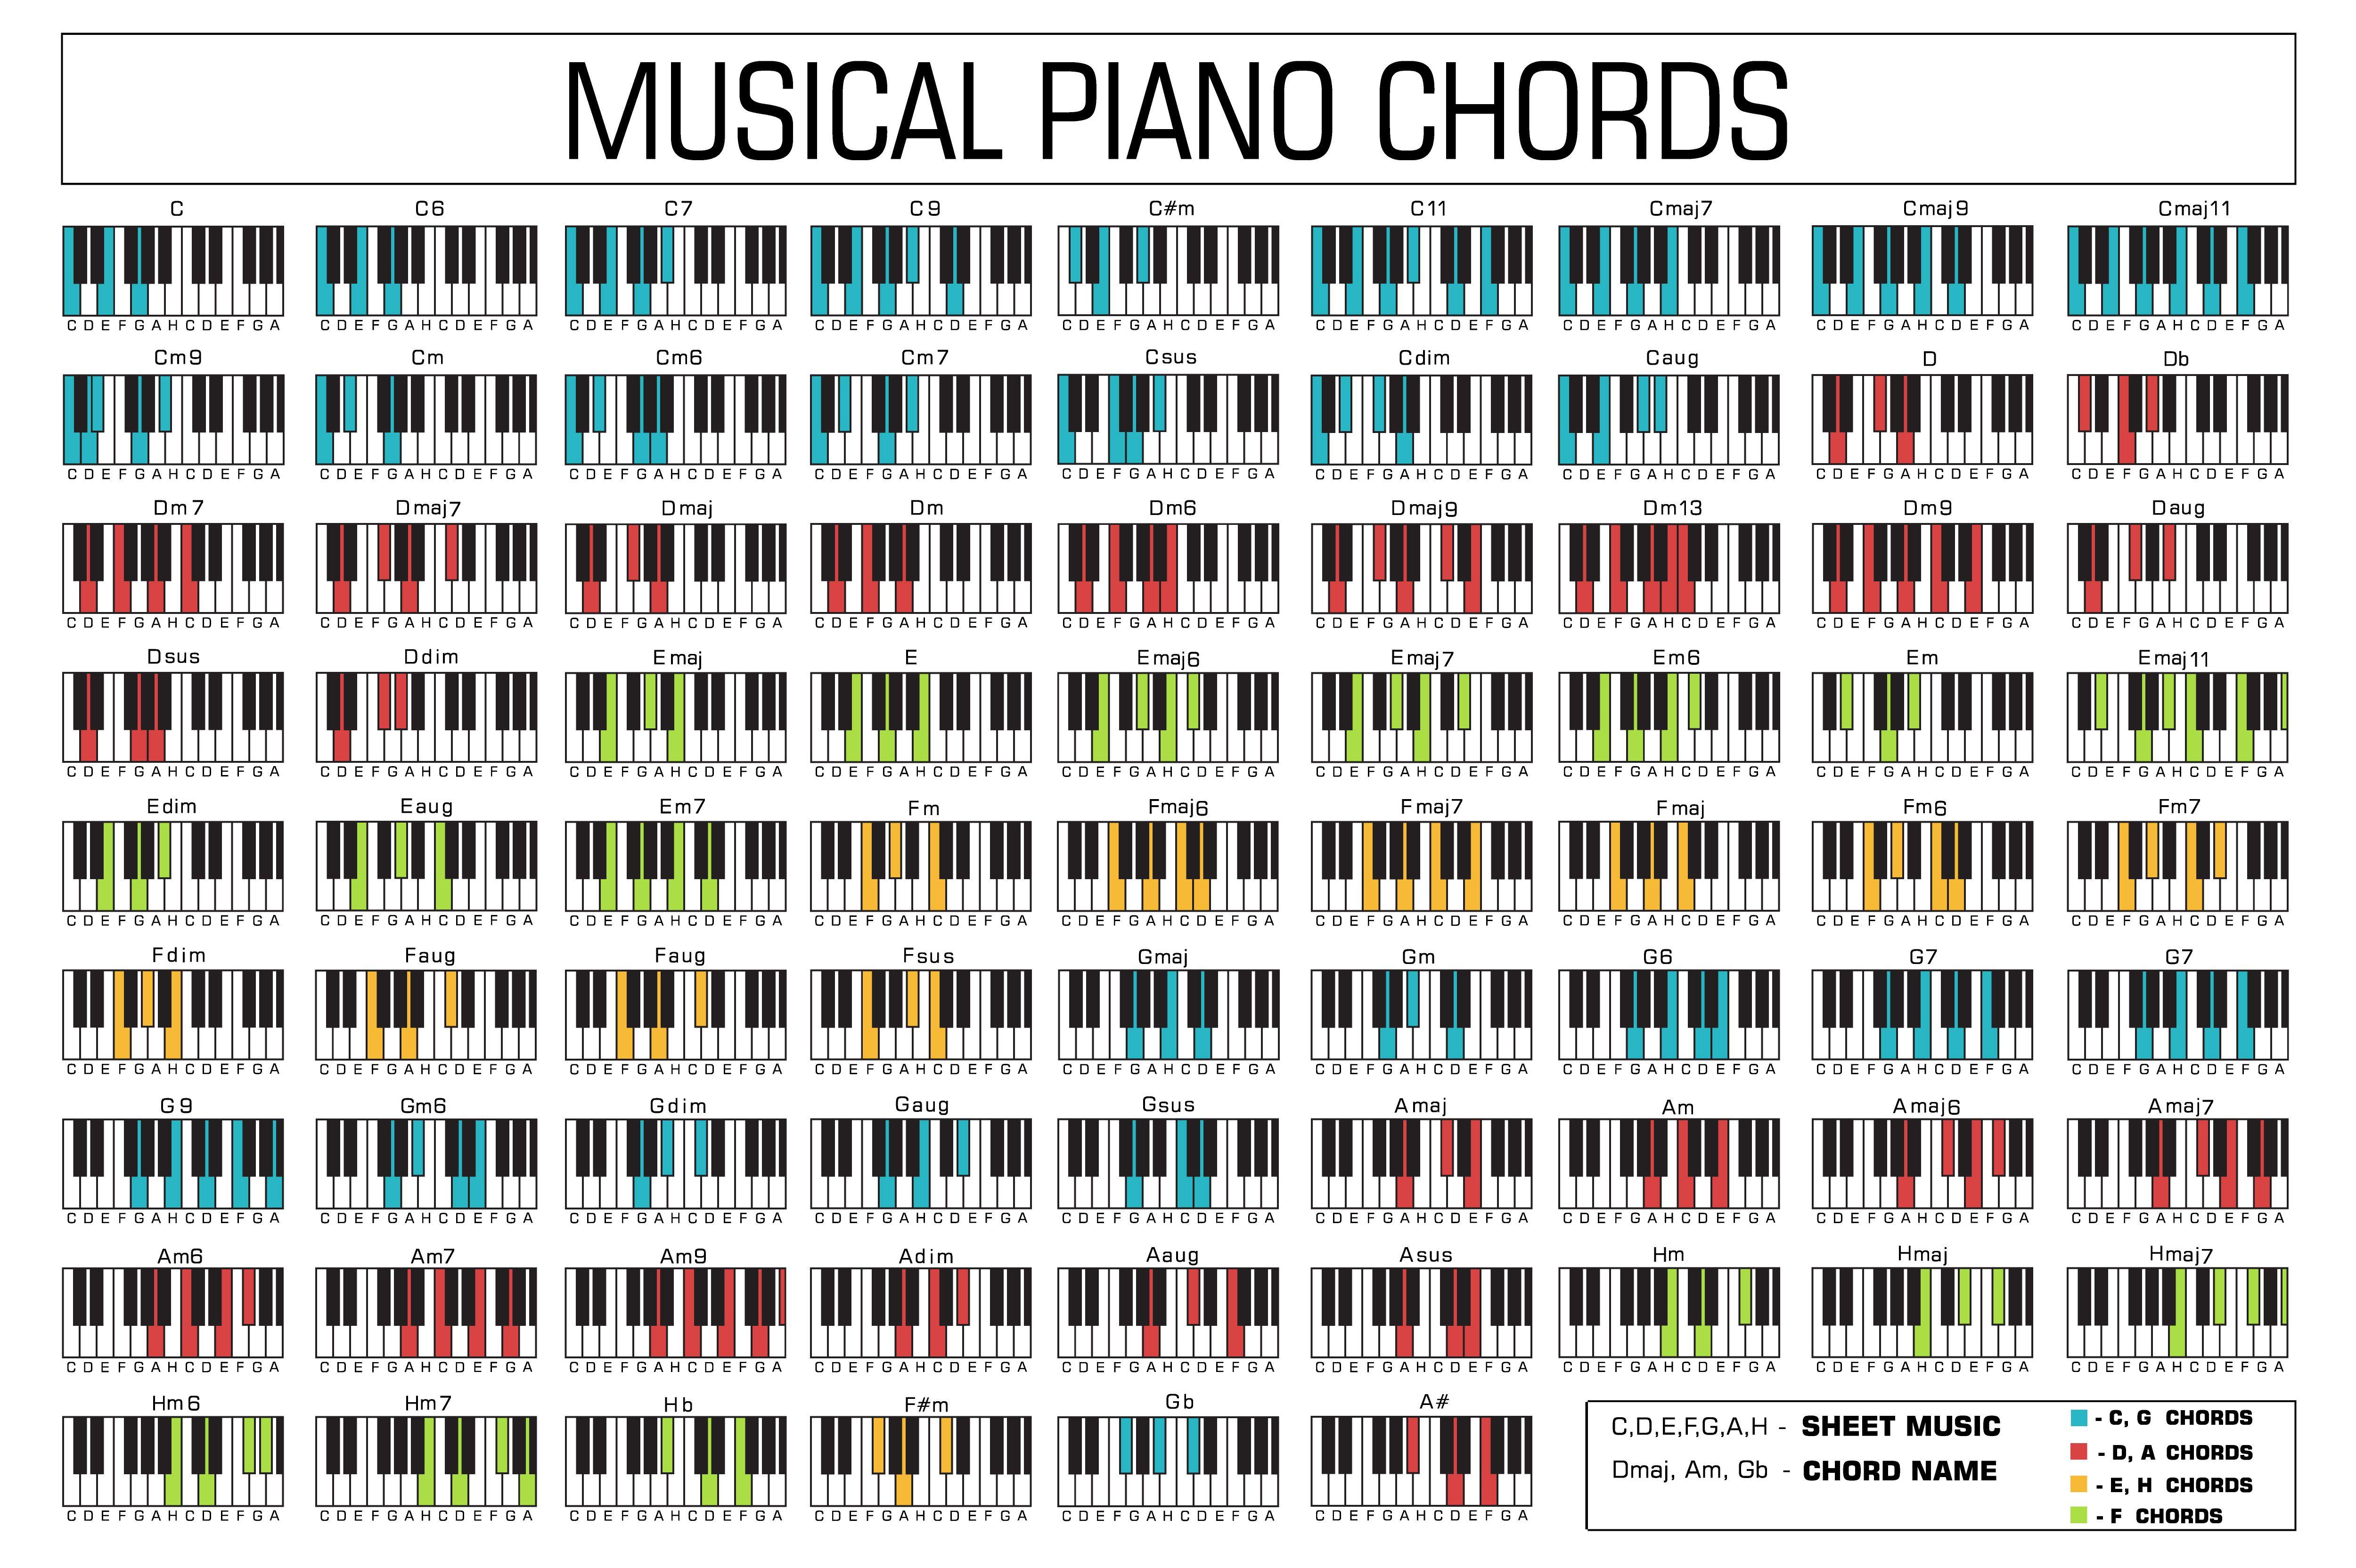 piano chords - More Photos